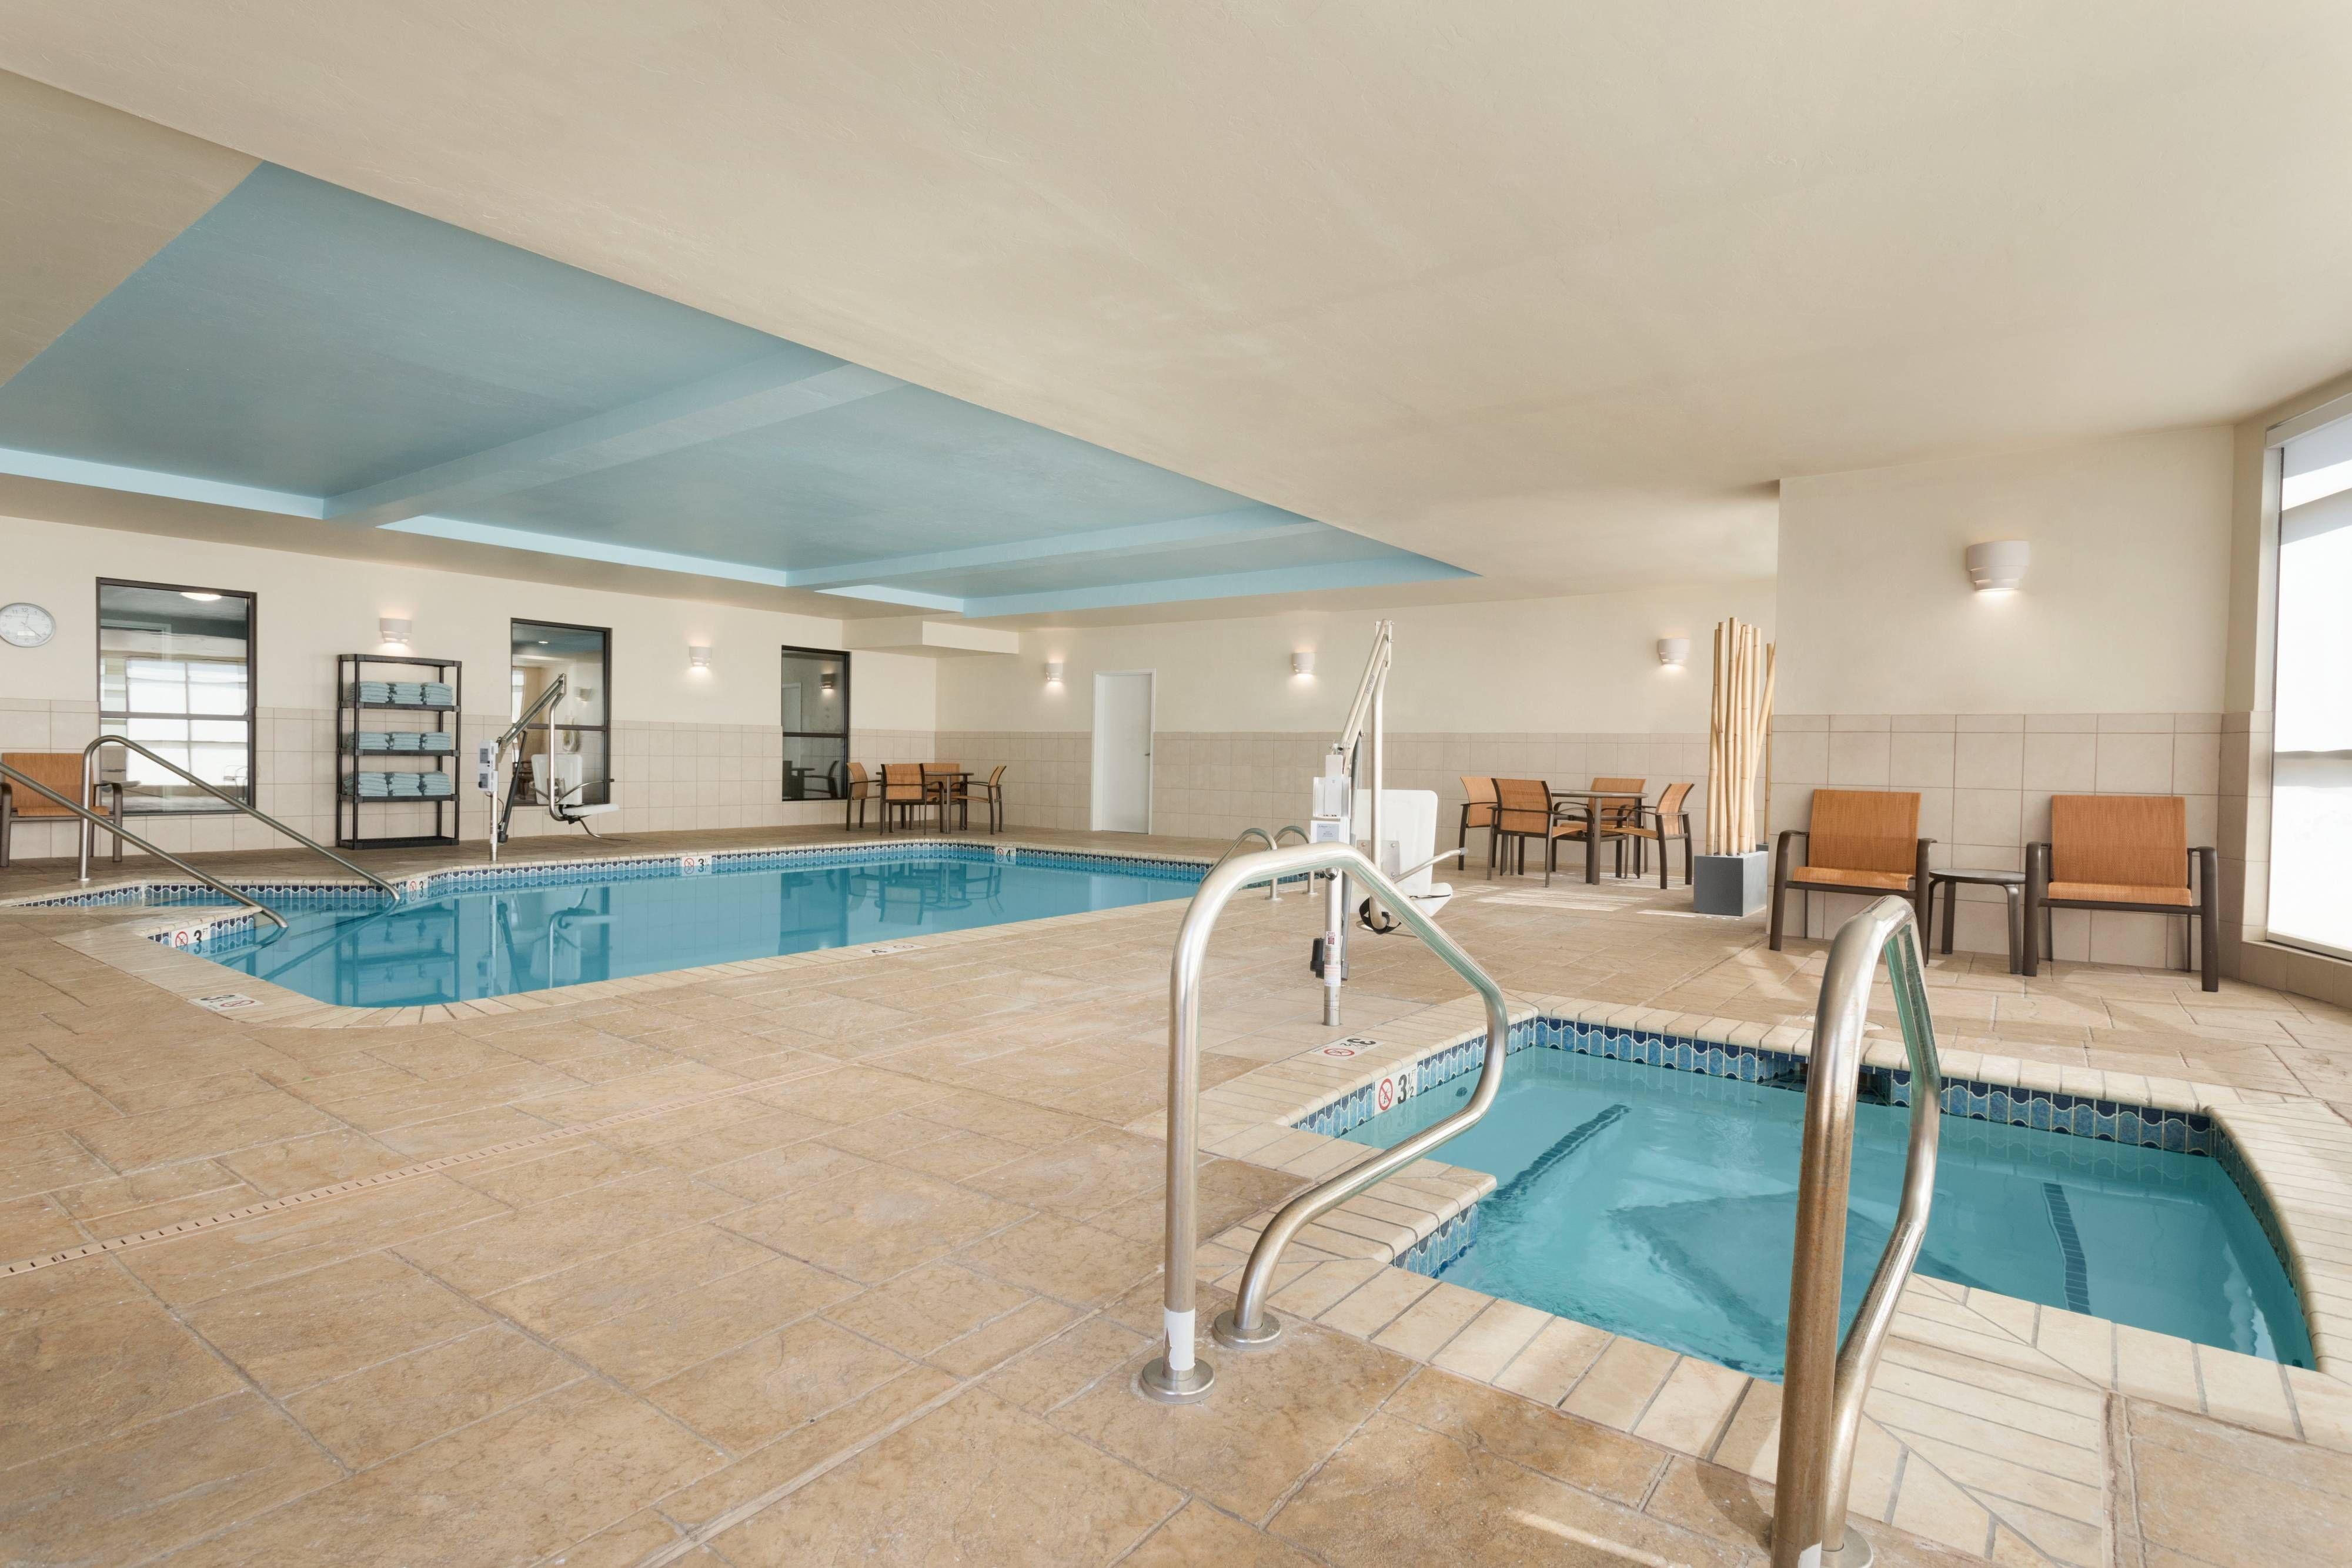 Courtyard Oklahoma City North Indoor Pool Holidays Guestroom Suite Courtyard Indoor Pool Indoor